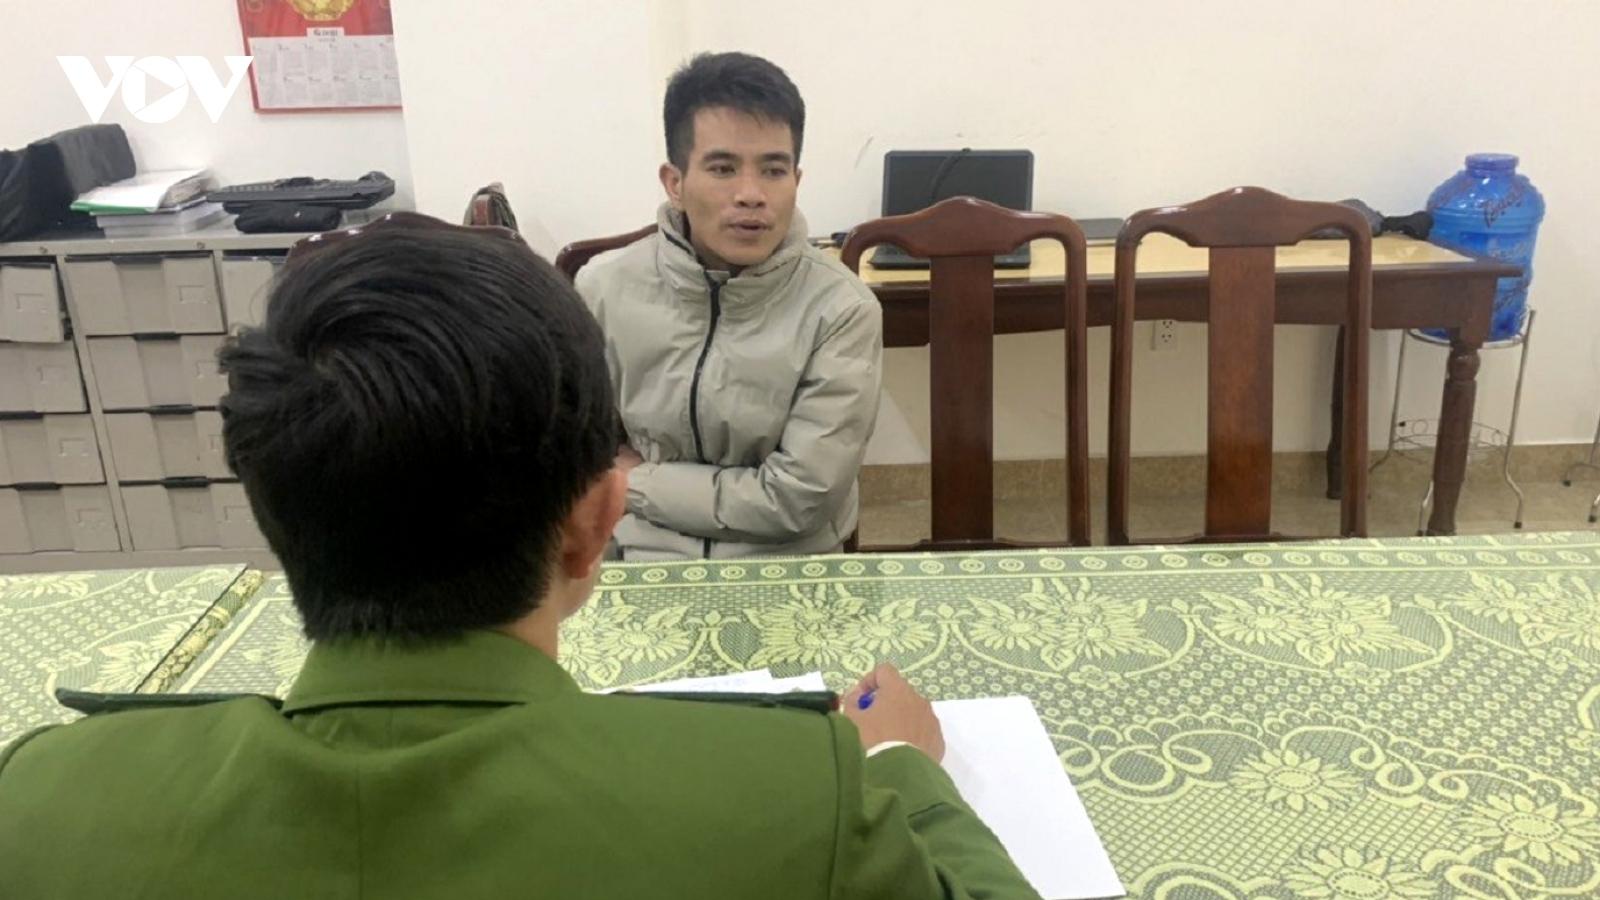 Vận chuyển gần 1,3 kg ma túy từ Quảng Trị vào Huế